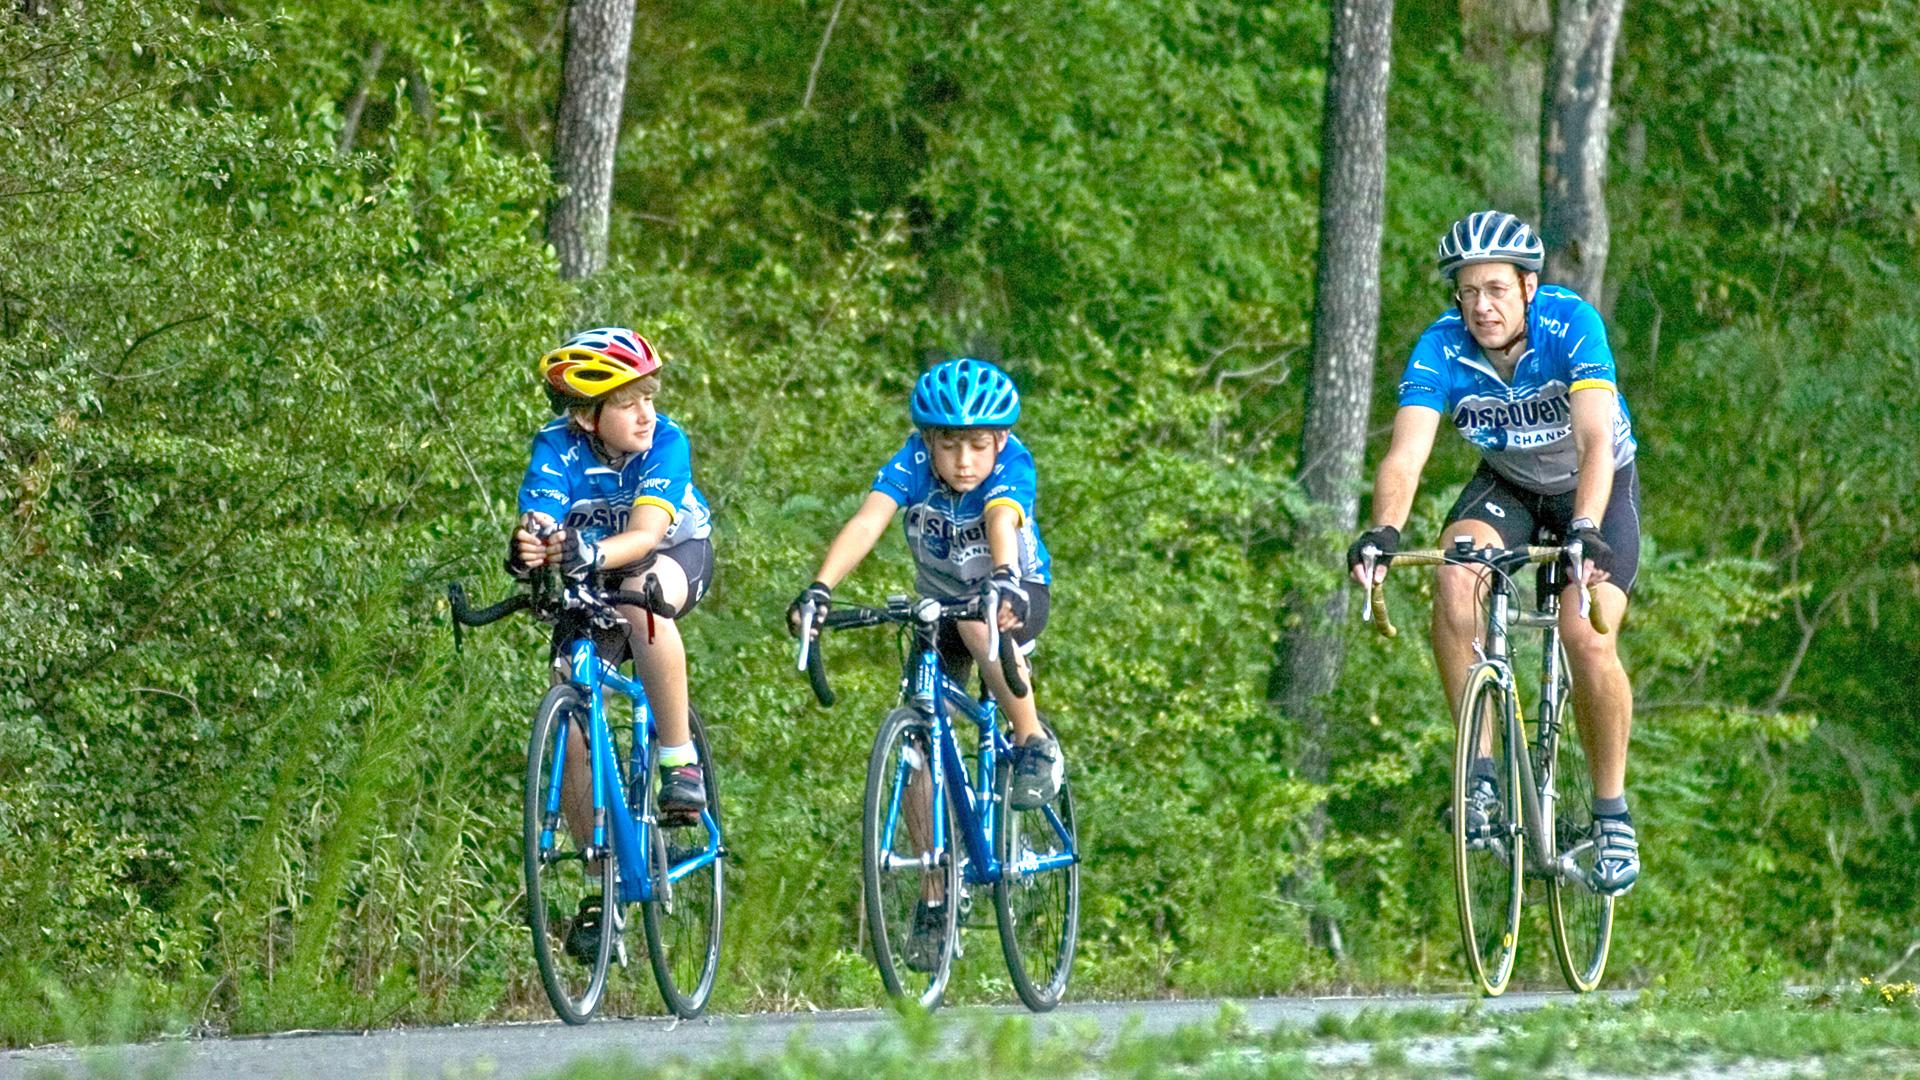 Trail Bikers